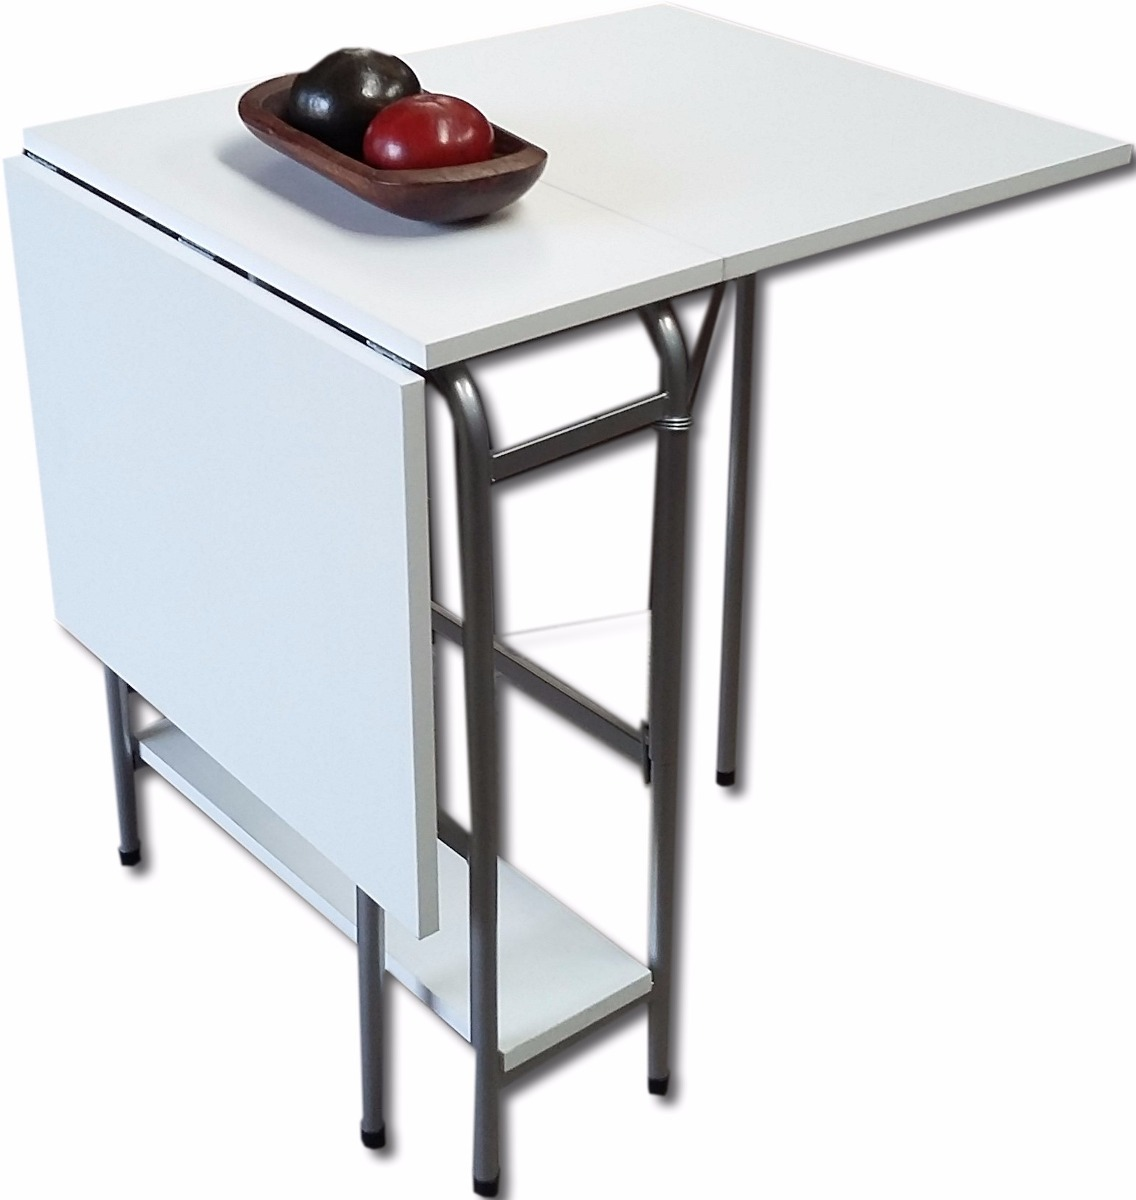 6 Plegable 2 X Extensible 2 1 Automatica Mesa Cocina Mini sBhQCxrdt